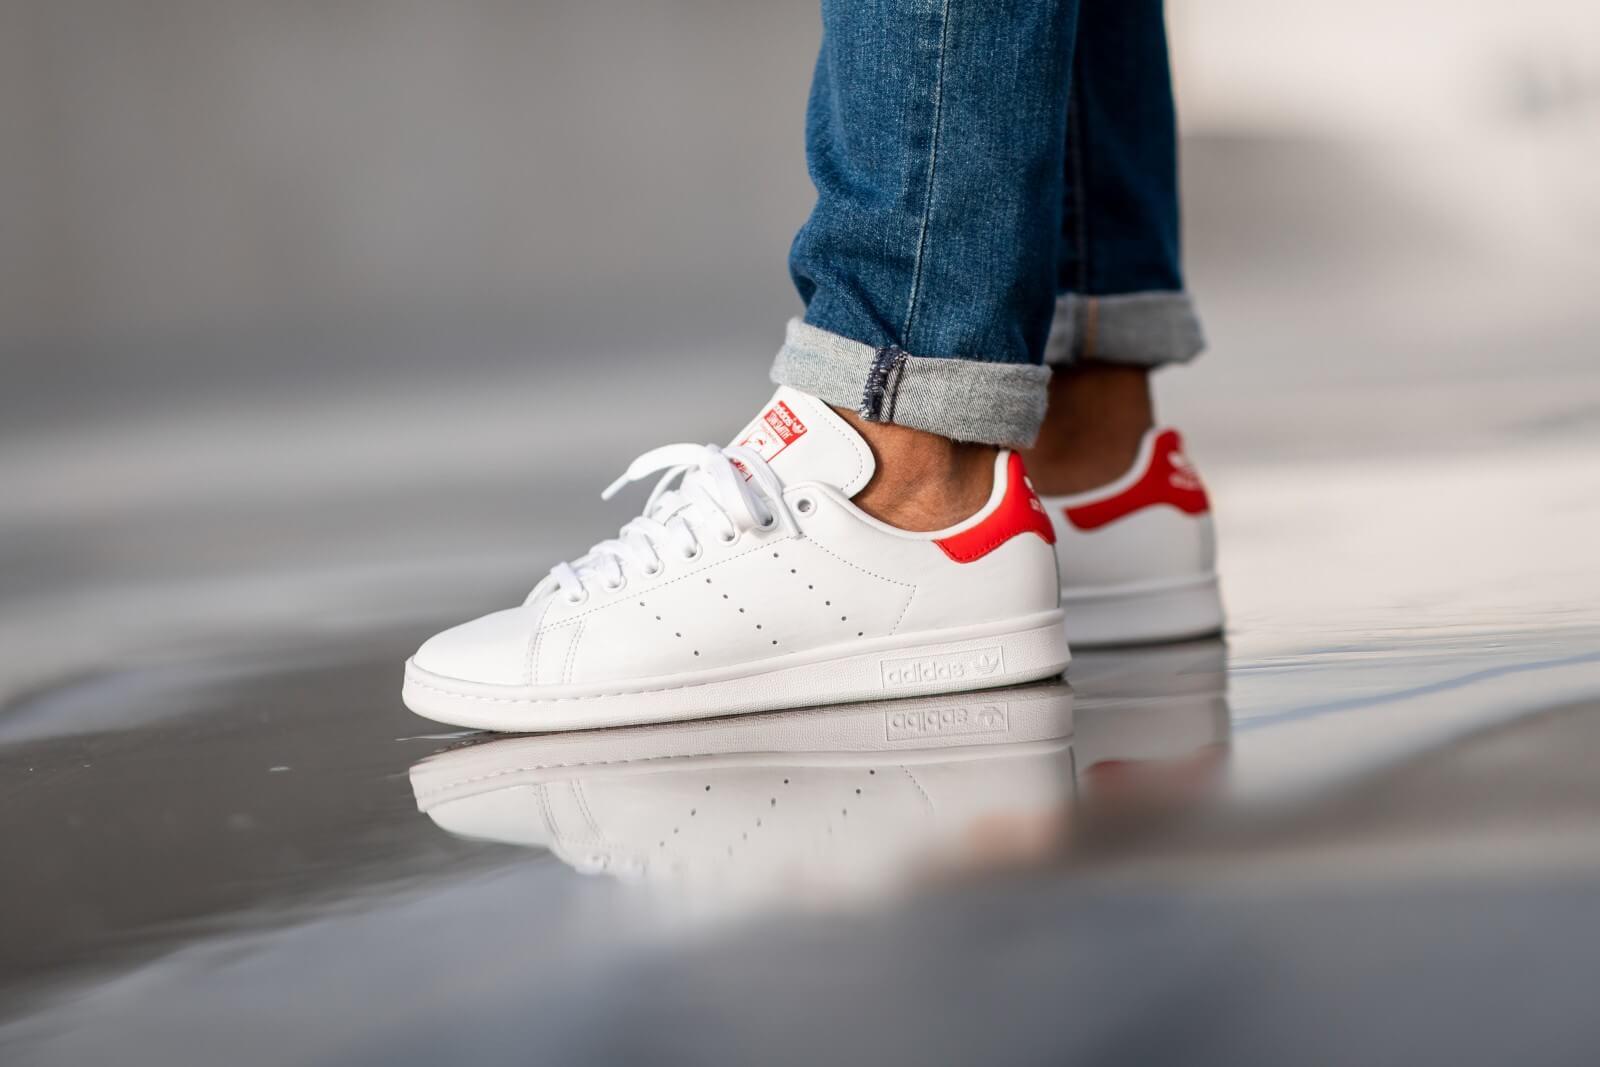 Puro Esperar Distinción  Adidas Stan Smith Footwear White/Lush Red - EF4334